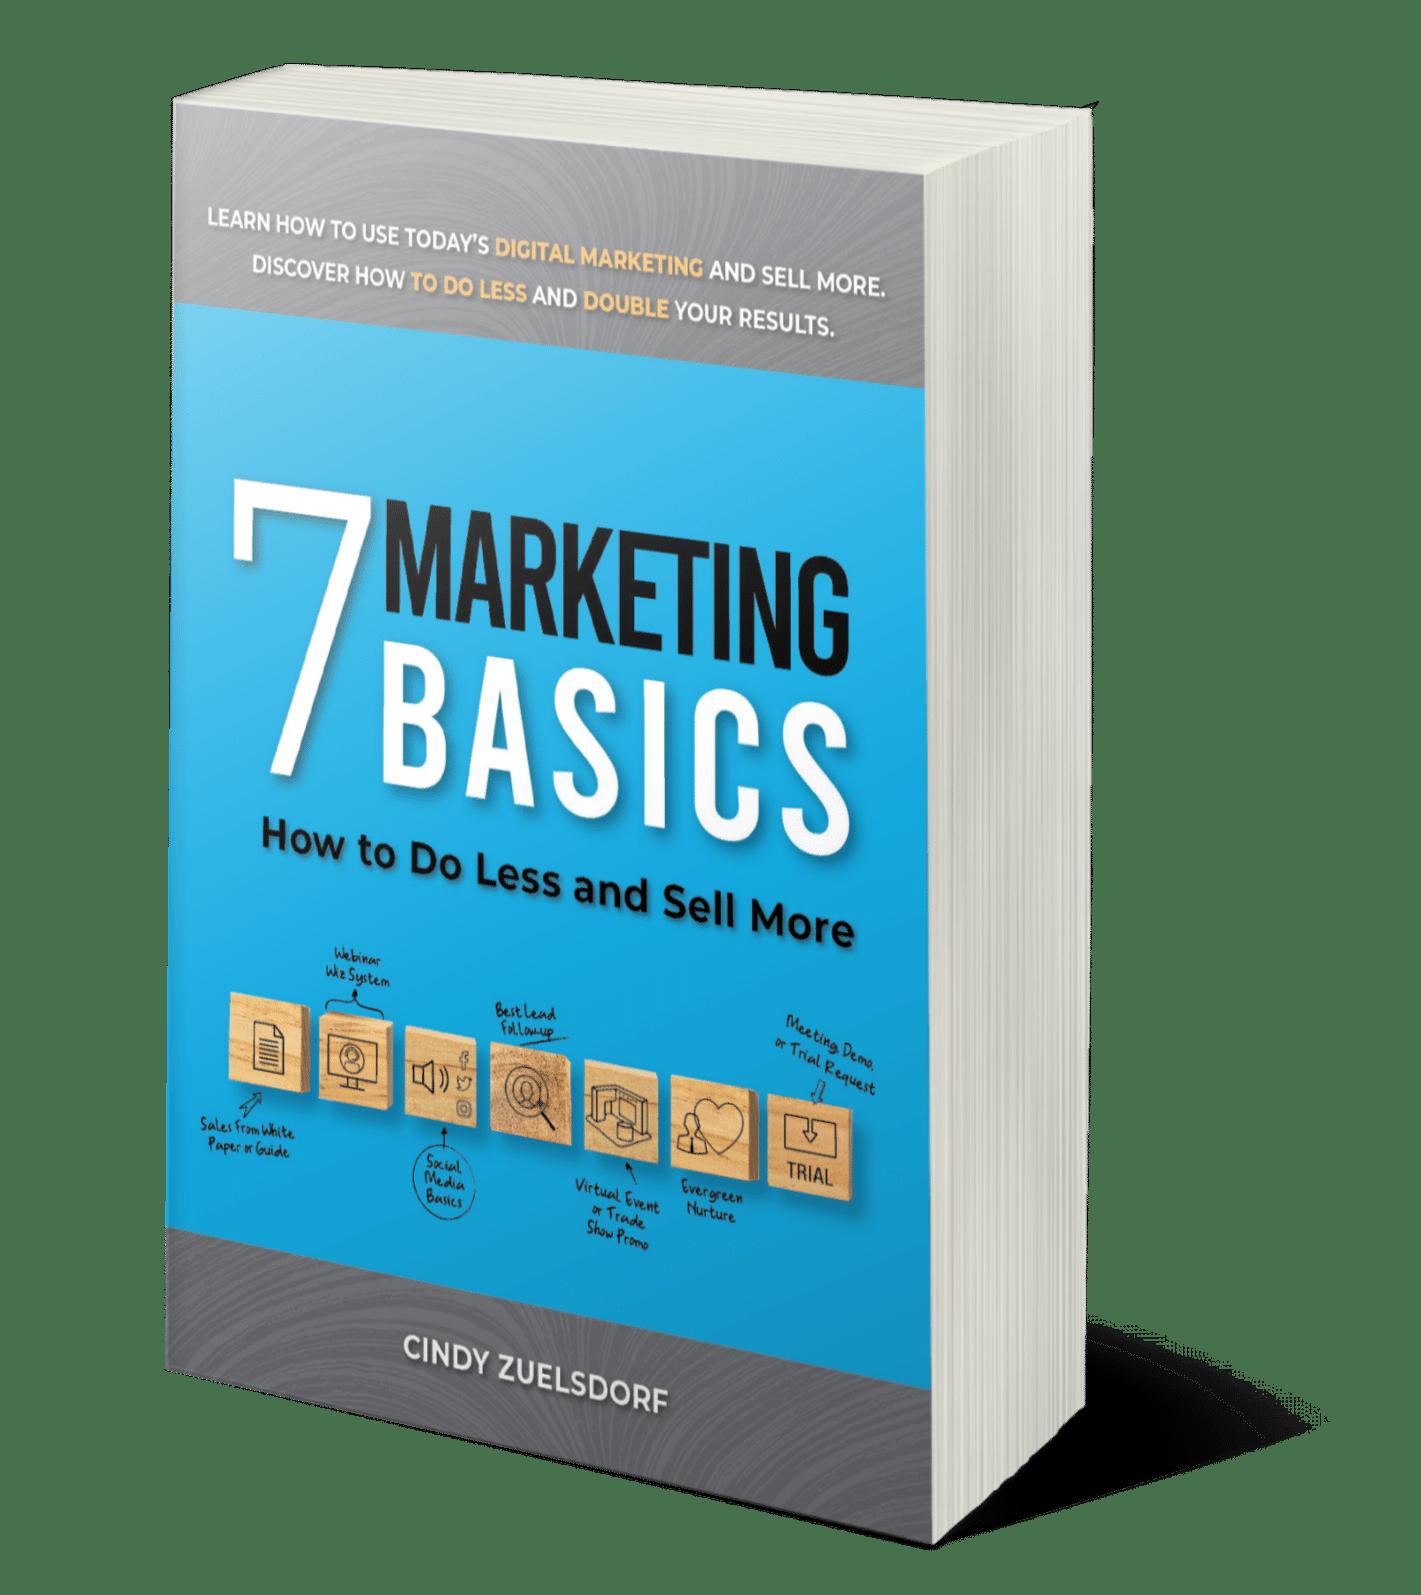 7 Marketing Basics book - order on amazon